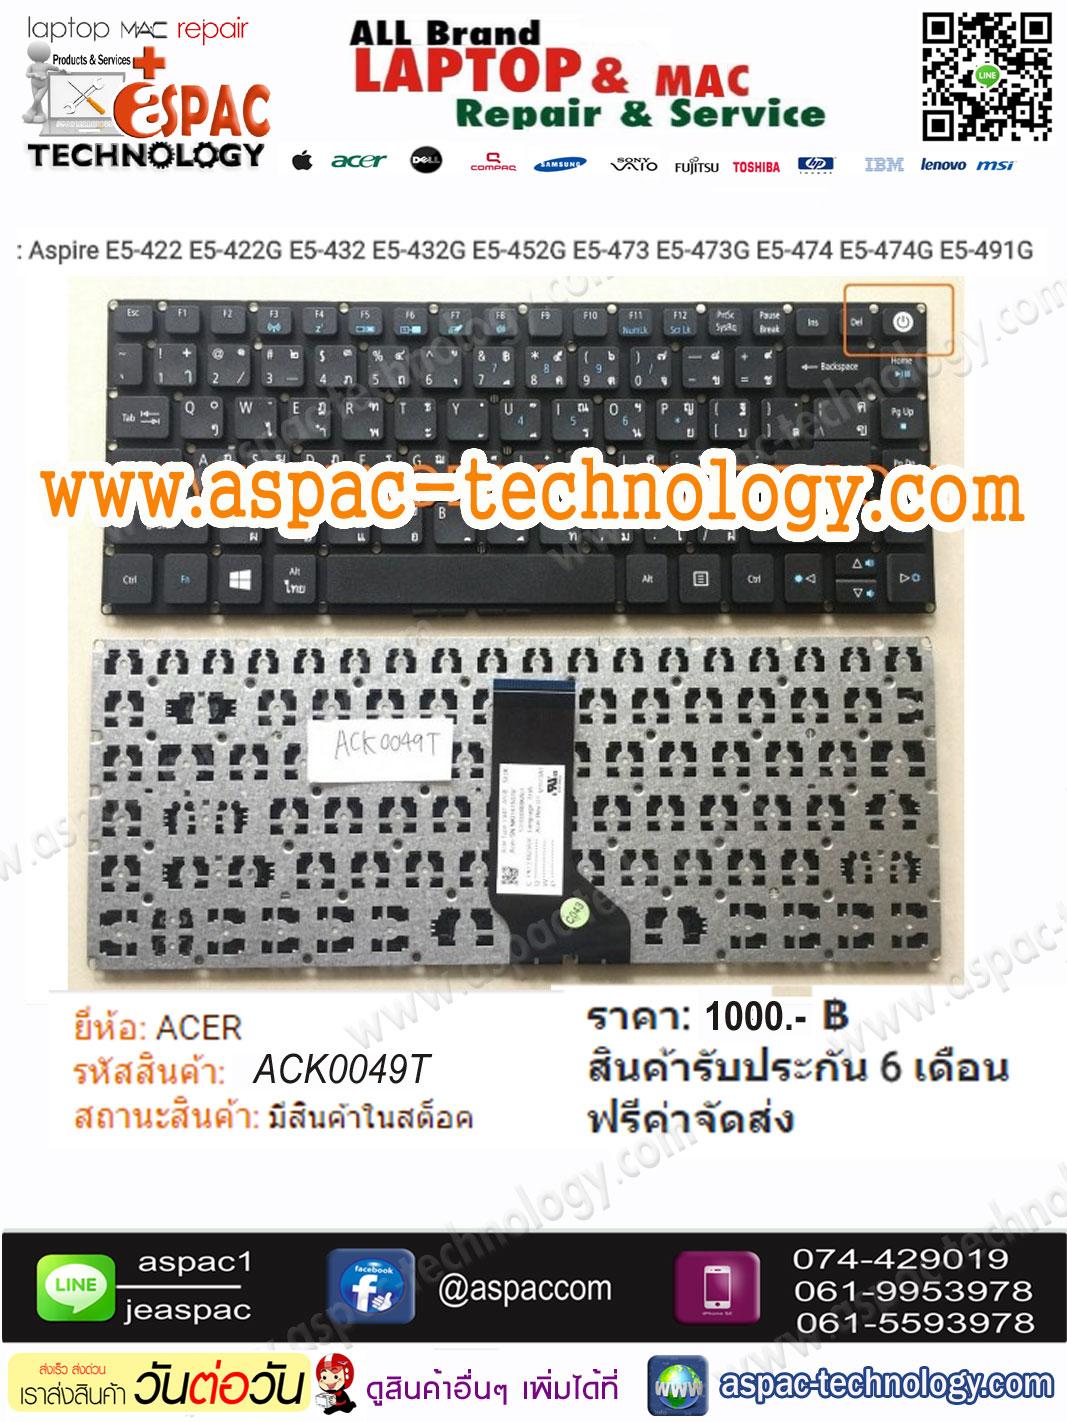 Keyboard ACER Aspire E5-422 E5-422G E5-432 E5-432G E5-452G E5-473 E5-473G E5-474 E5-474G E5-491G ภาษาไทย อังกฤษ